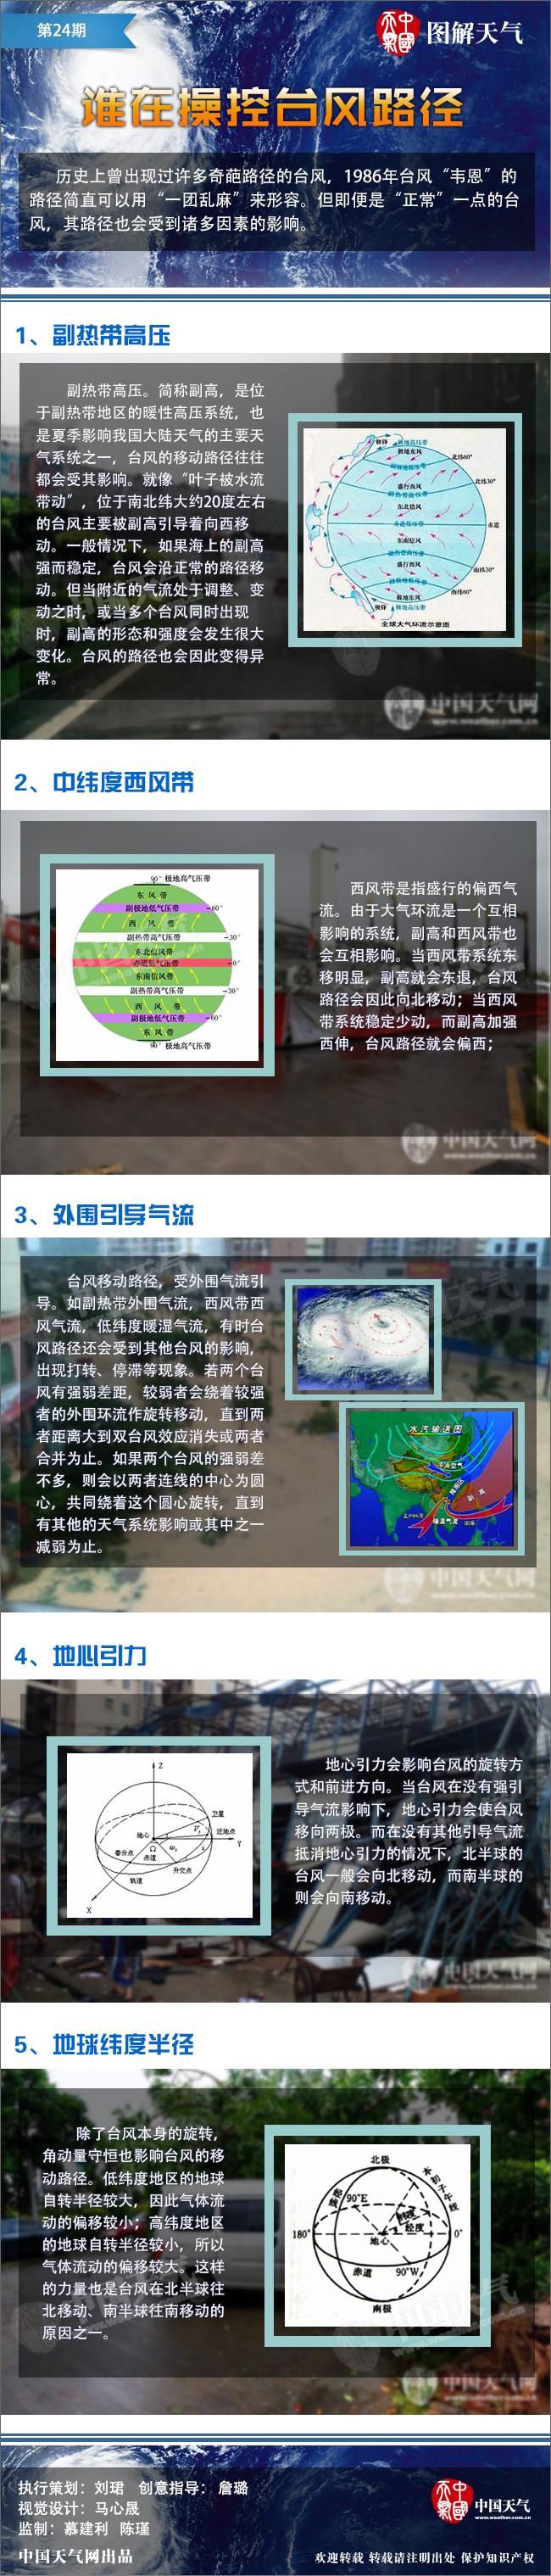 谁在操控你_谁在操控台风路径-中国应急信息网